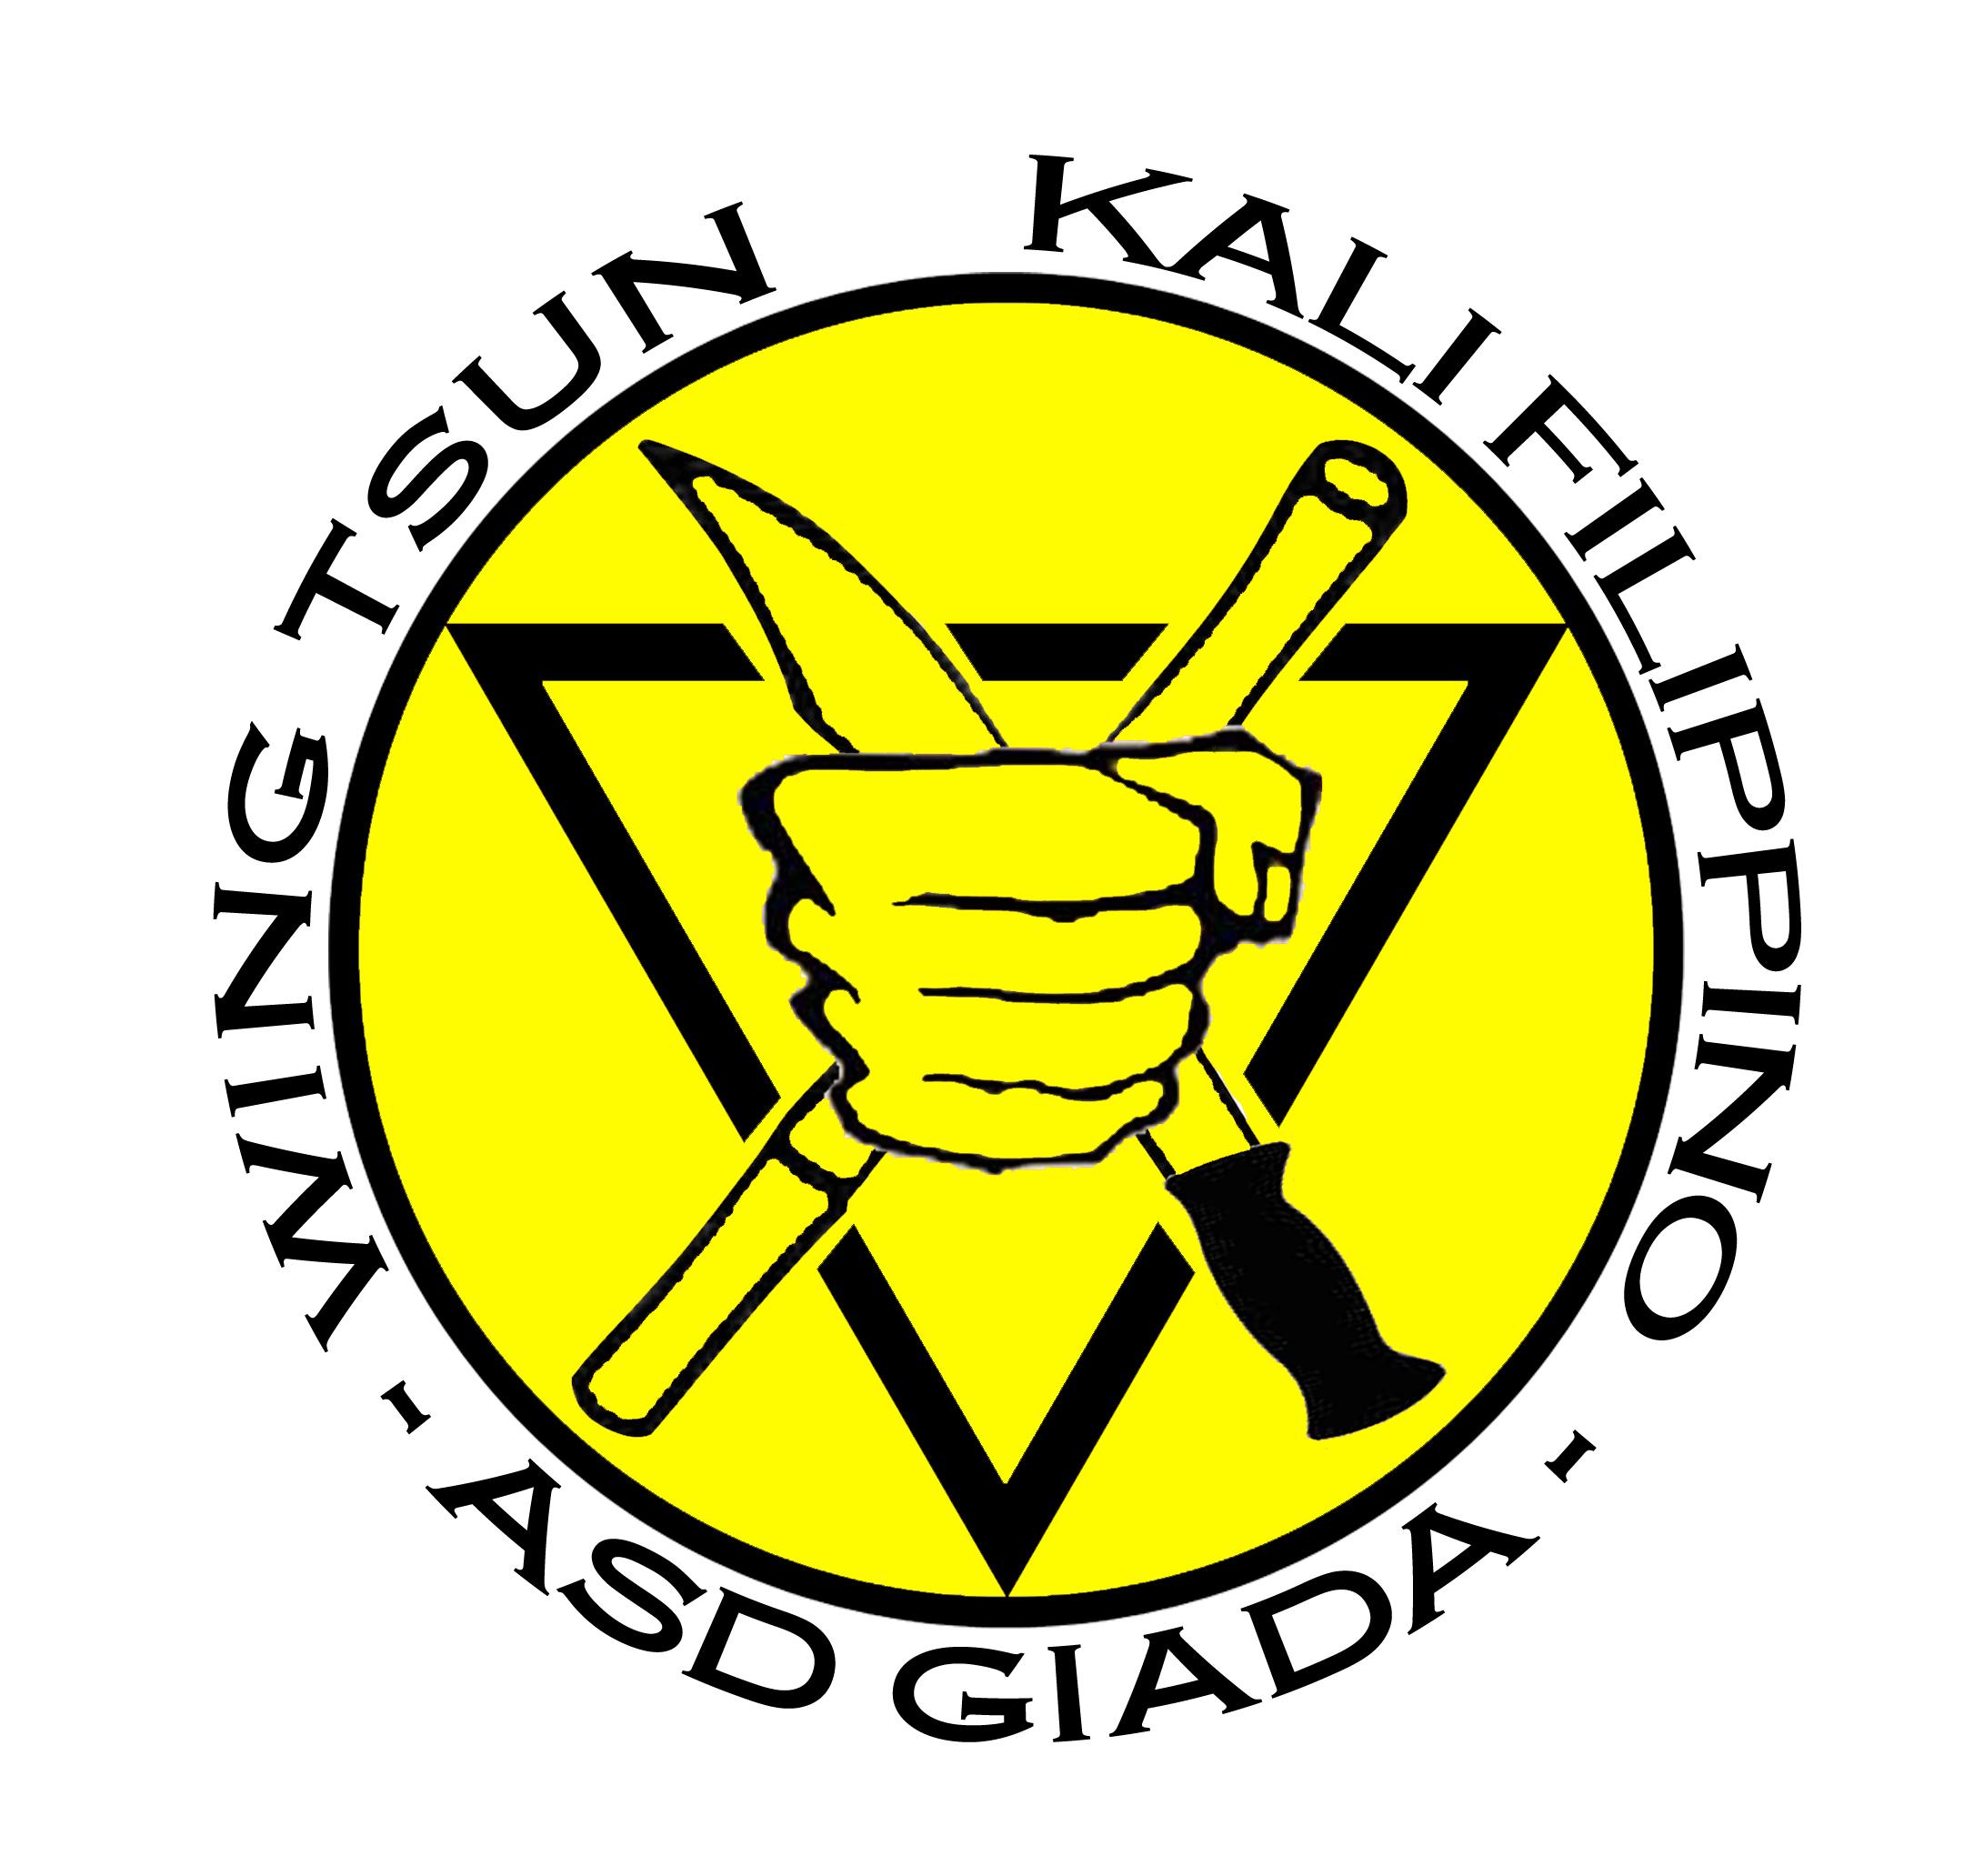 Asd Giada